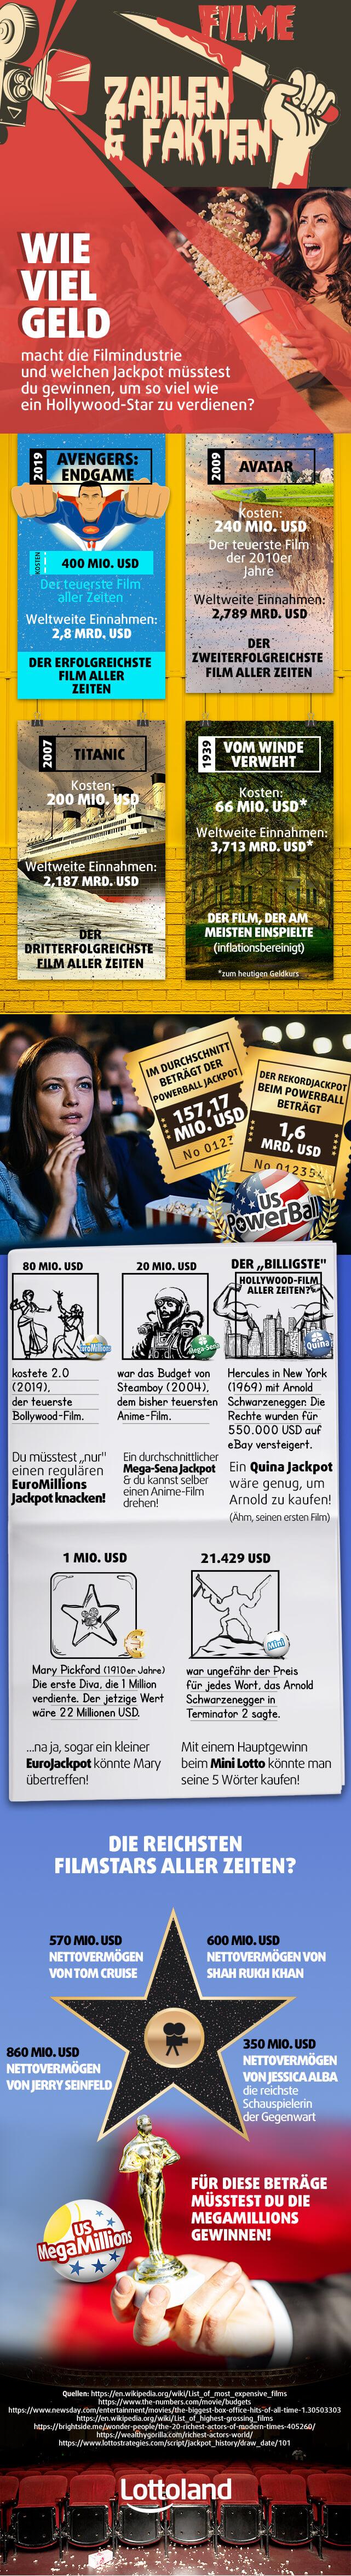 Infografik mit Zahlen und Fakten zu Hollywood-Filmen